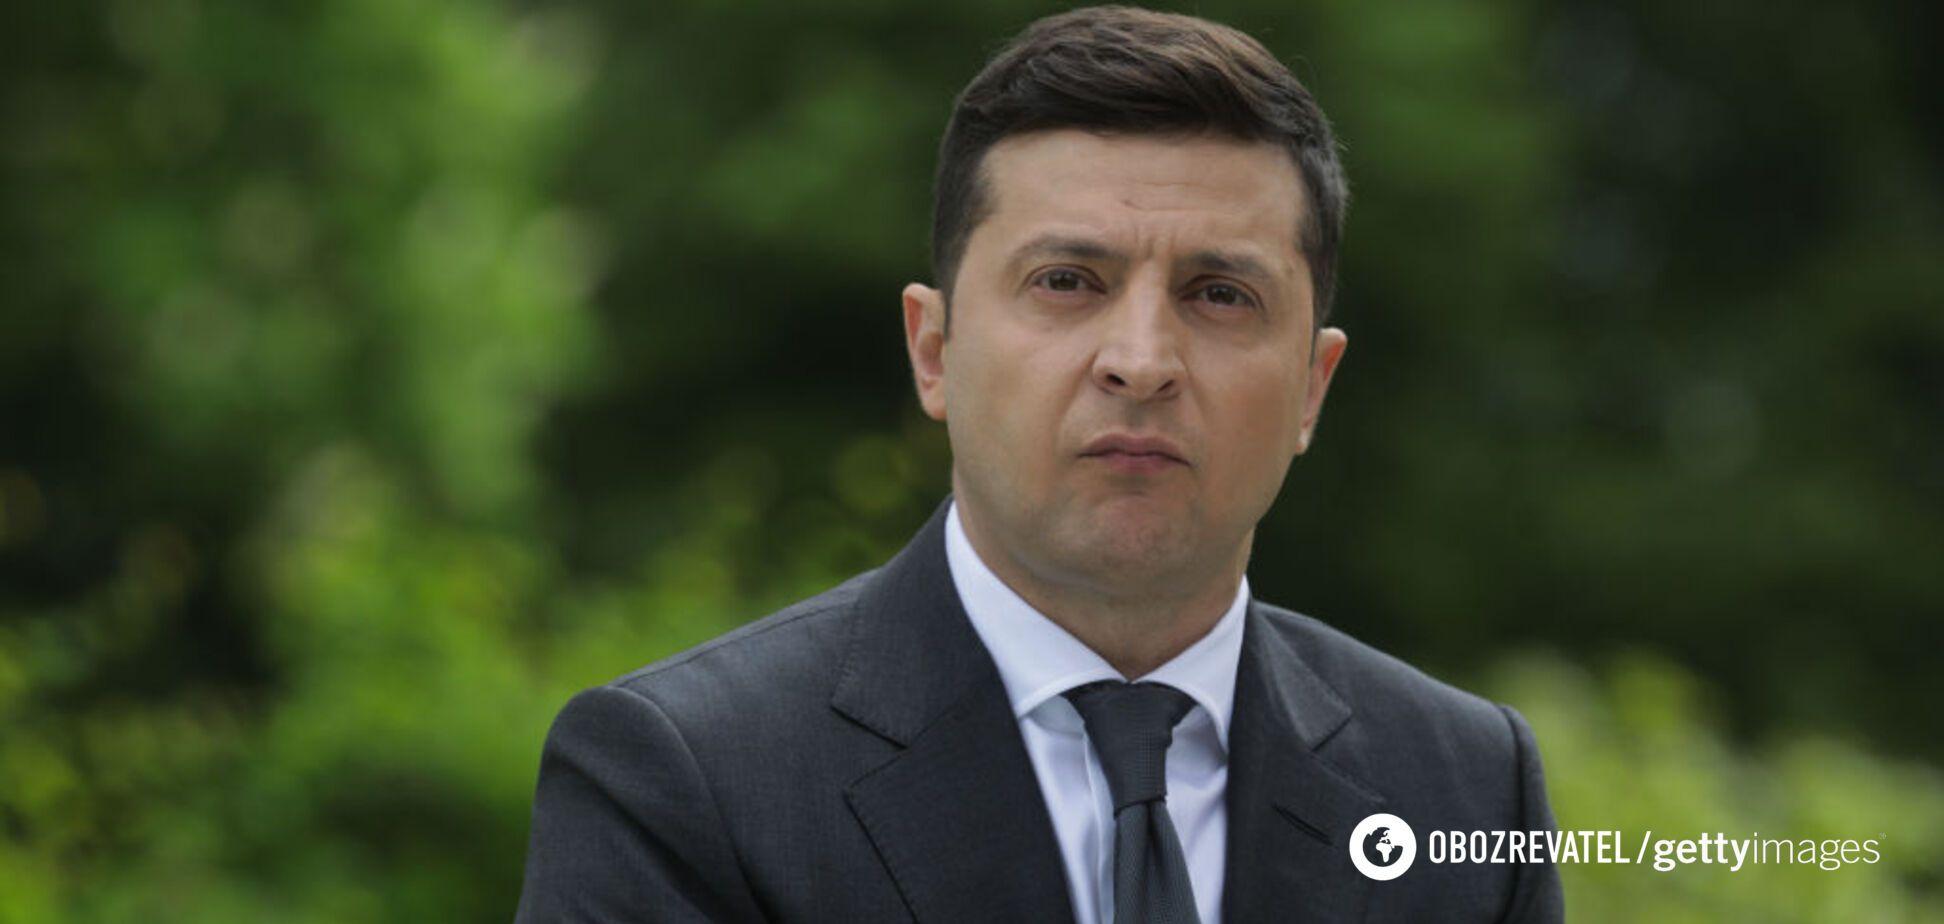 Пресконференція Зеленського розділила українців, викликавши суперечки в мережі